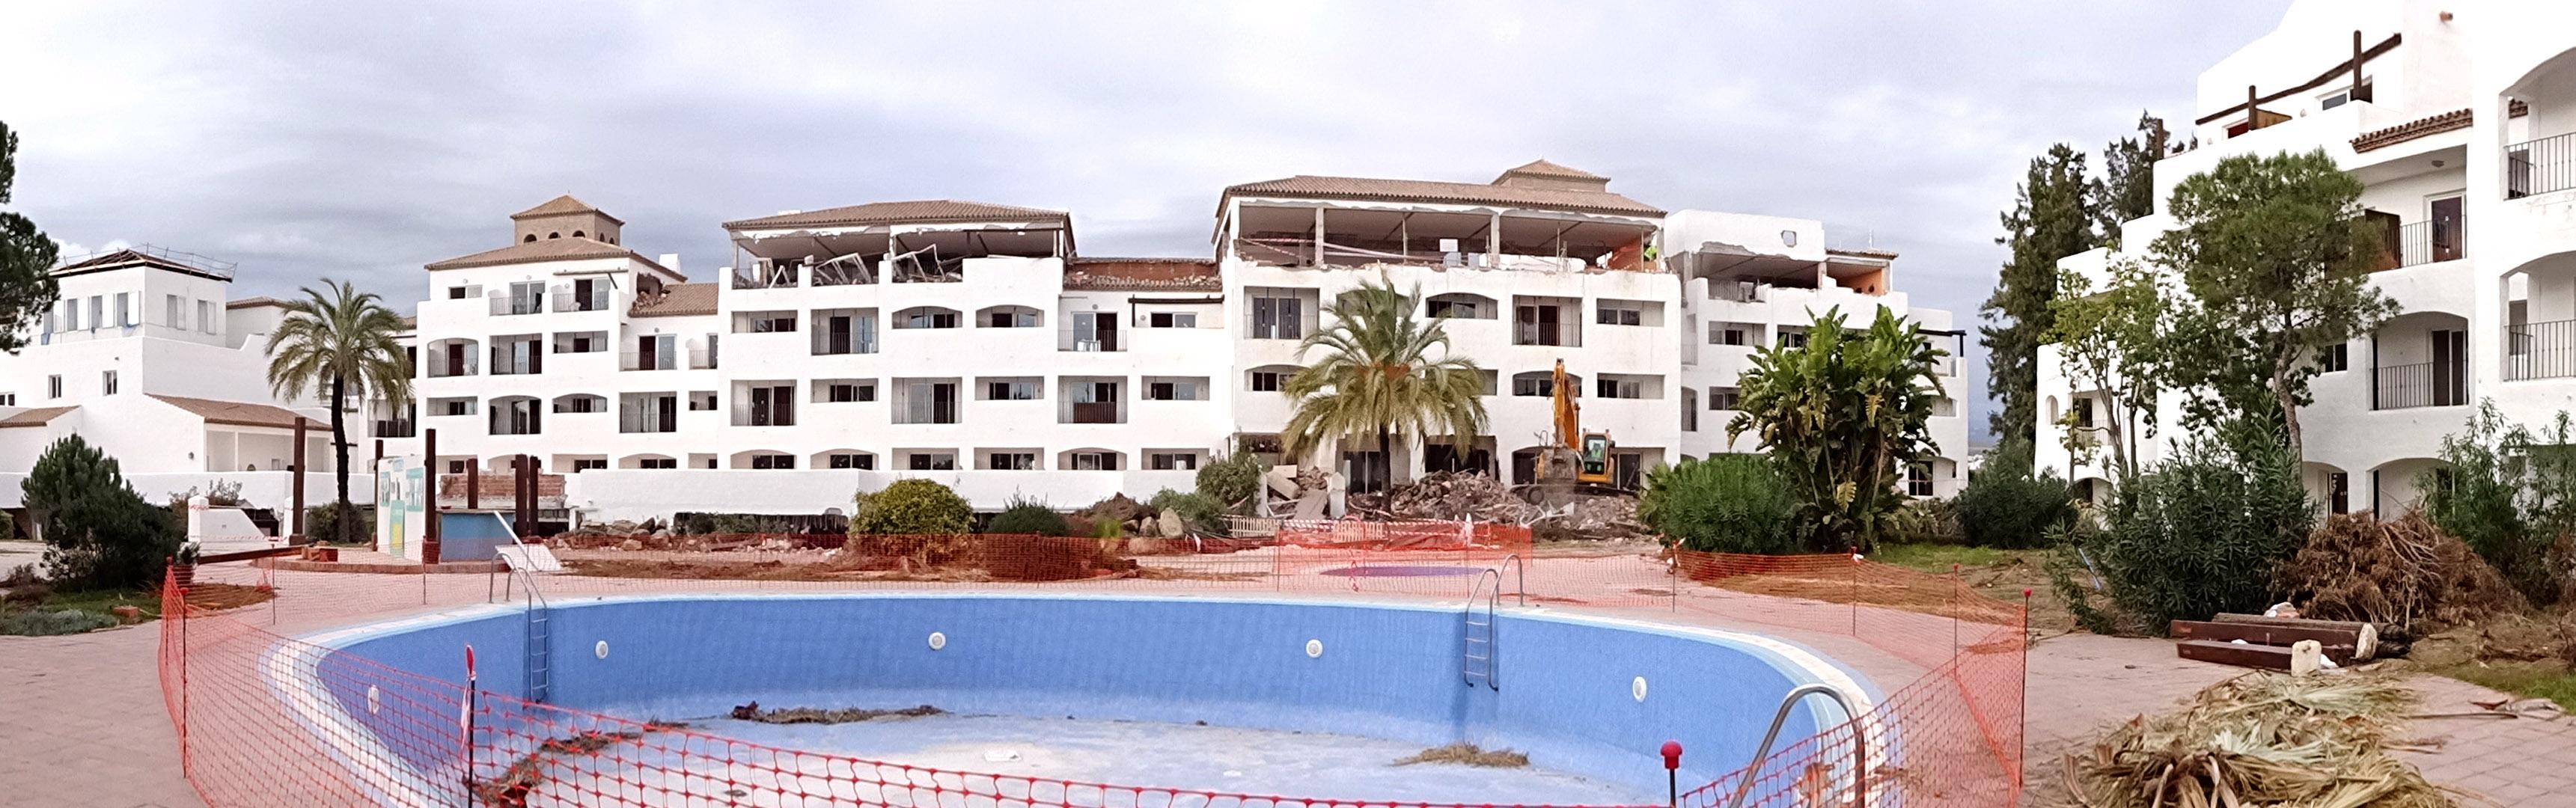 trabajos-demolicion-hotel-estepona-herysan